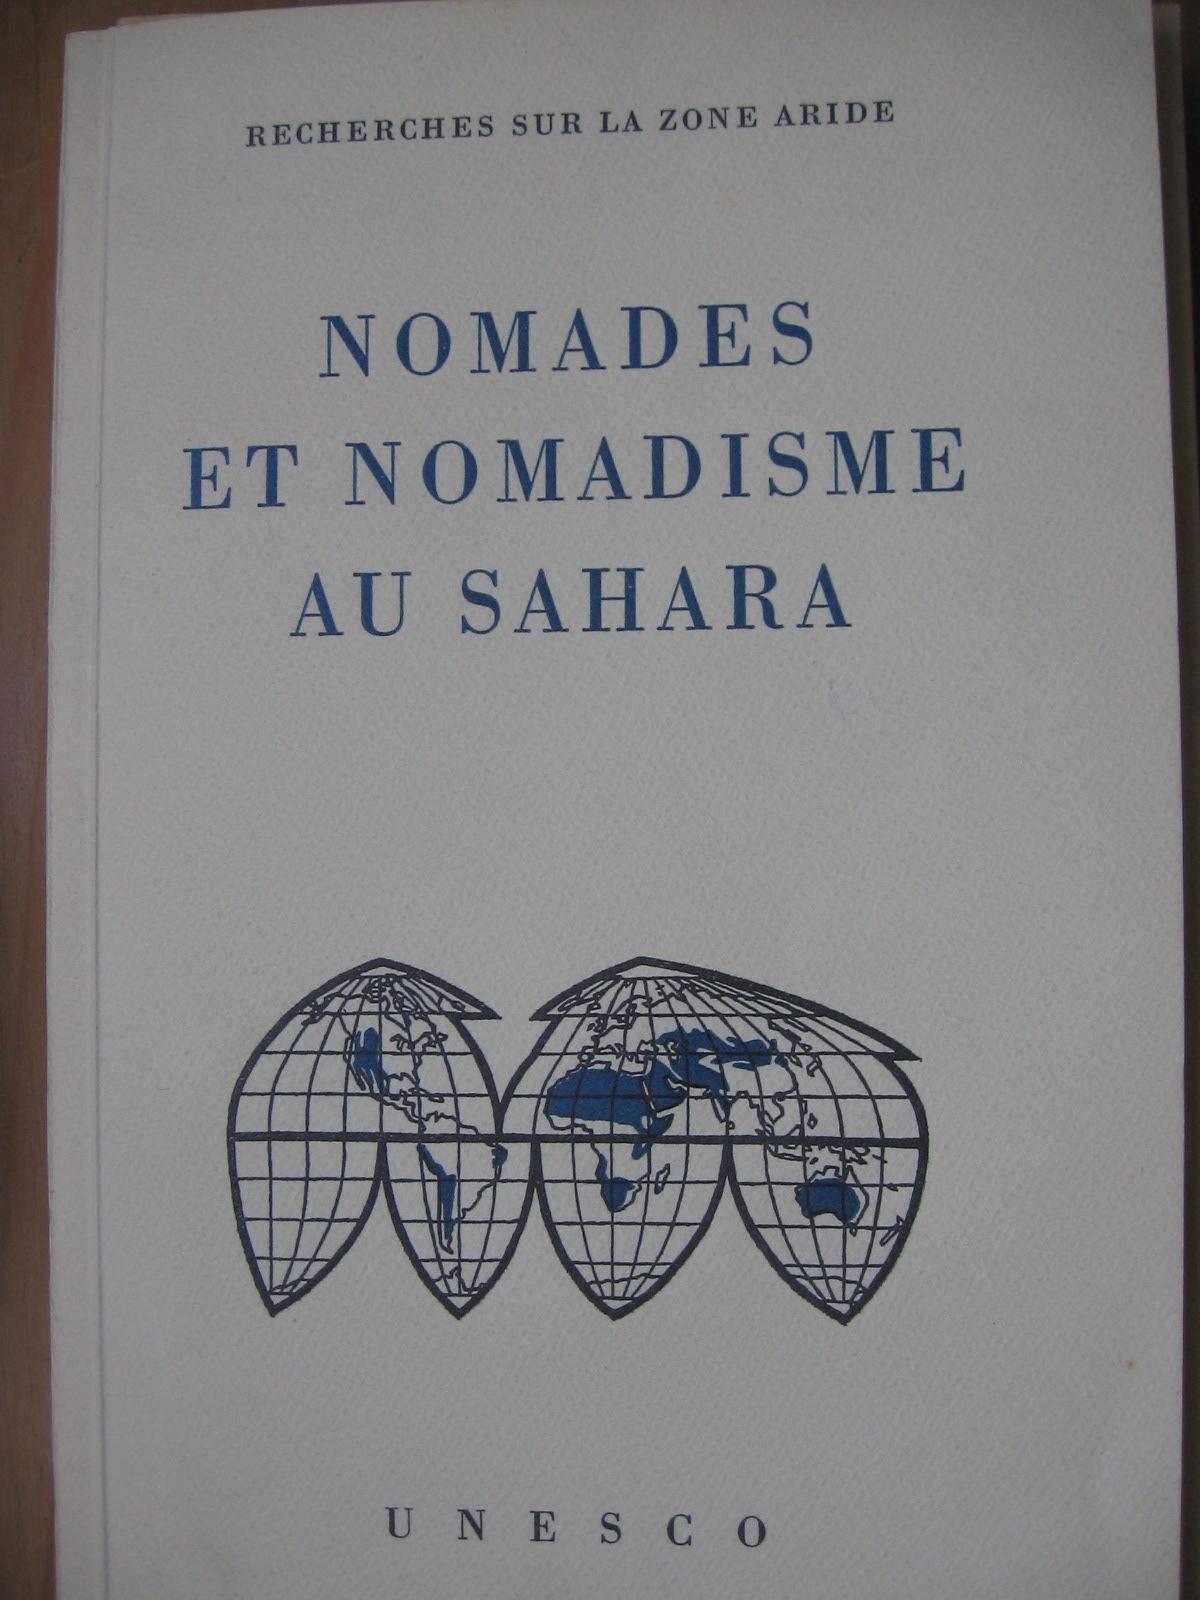 couverture du livre dont est tiré le texte sur les Rebaia